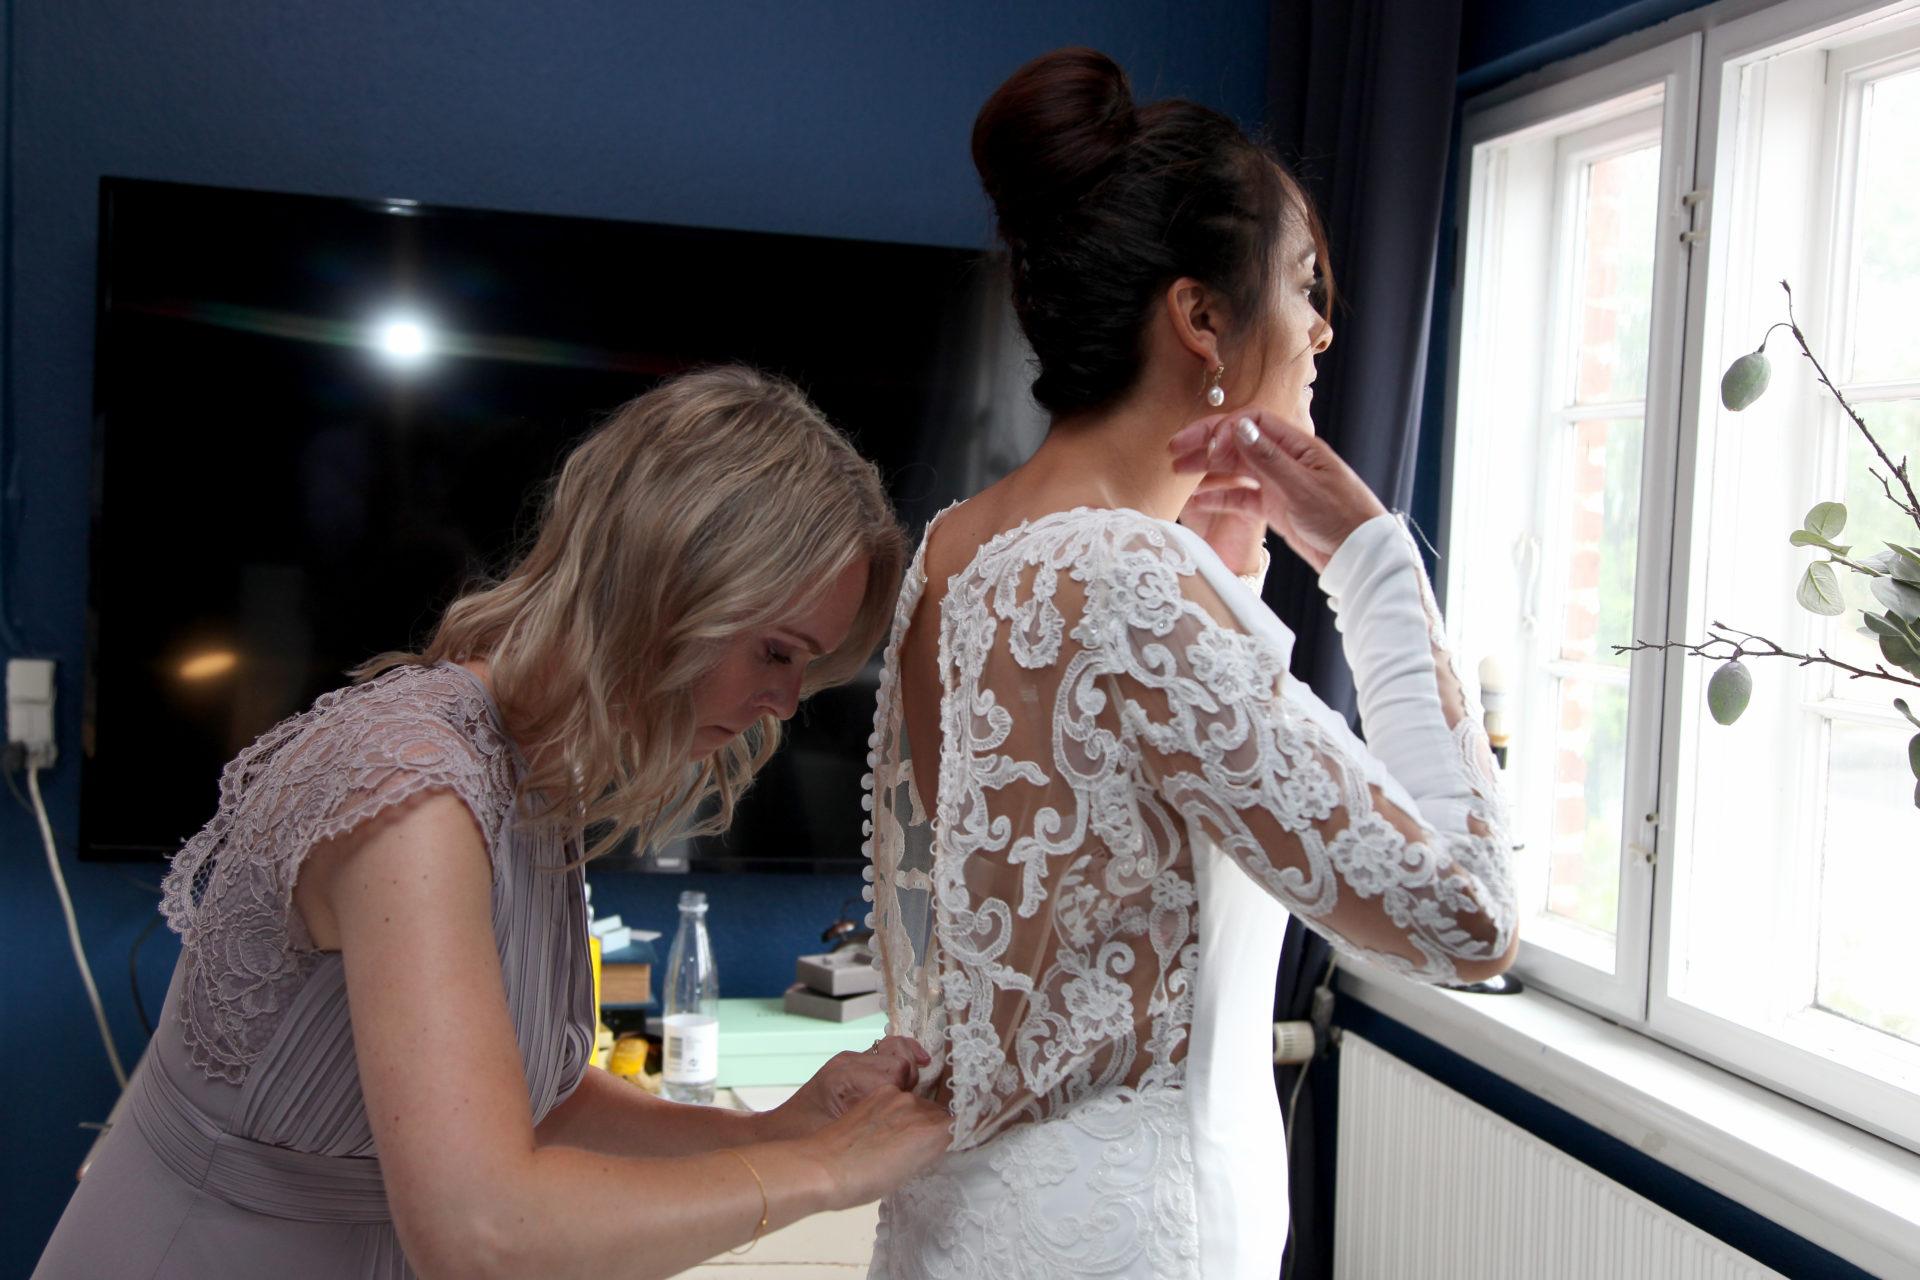 Brudekjolen klargøres til bryllup